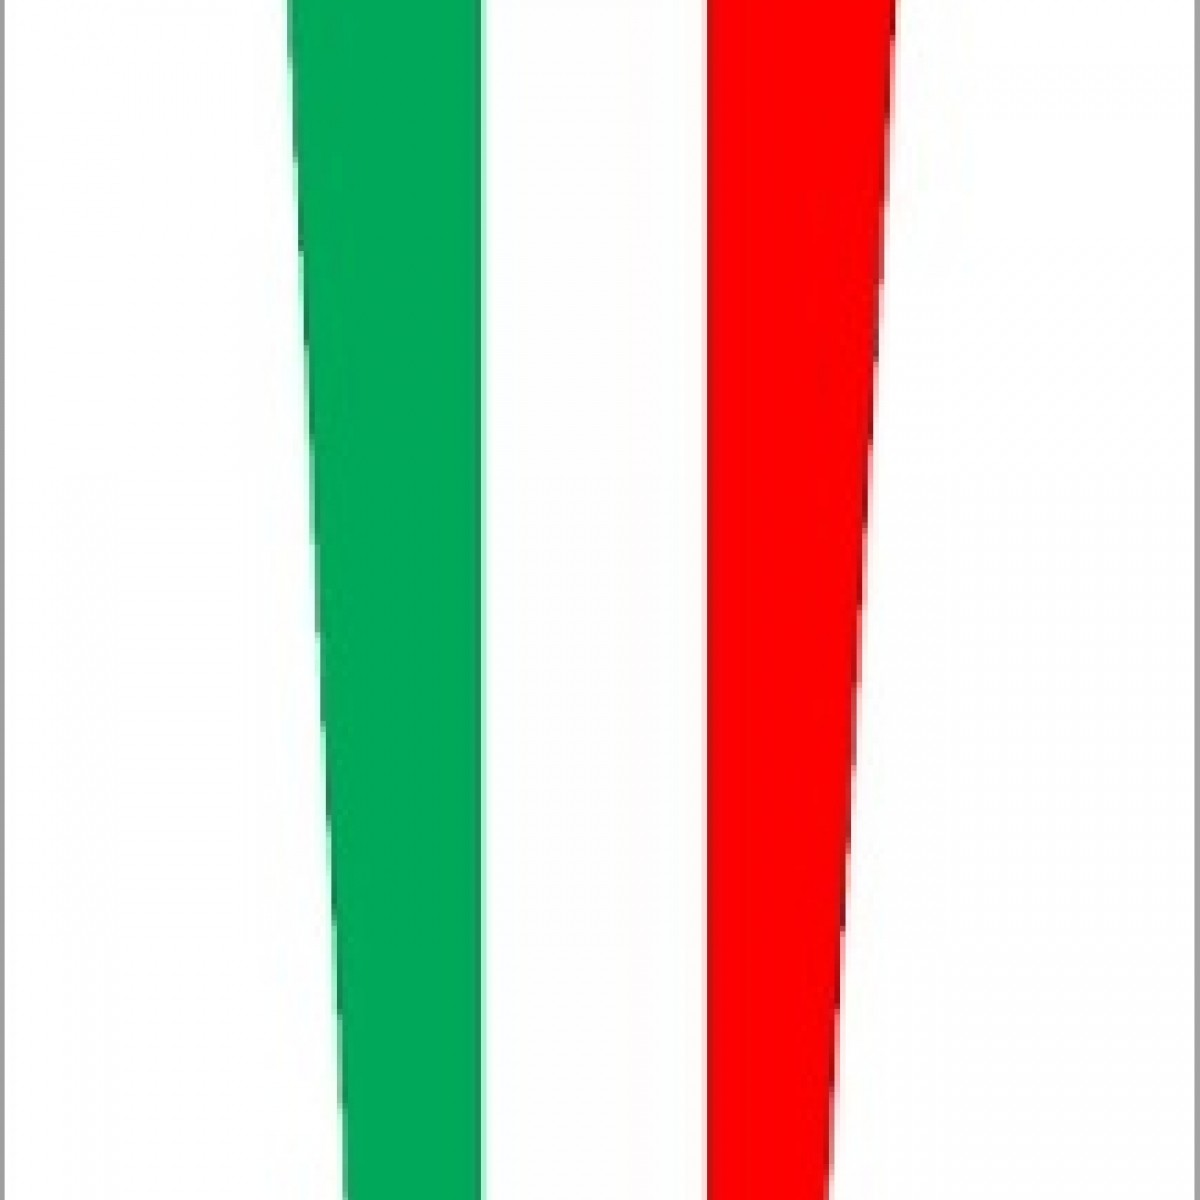 Adesivo Capo Fiat Coupe